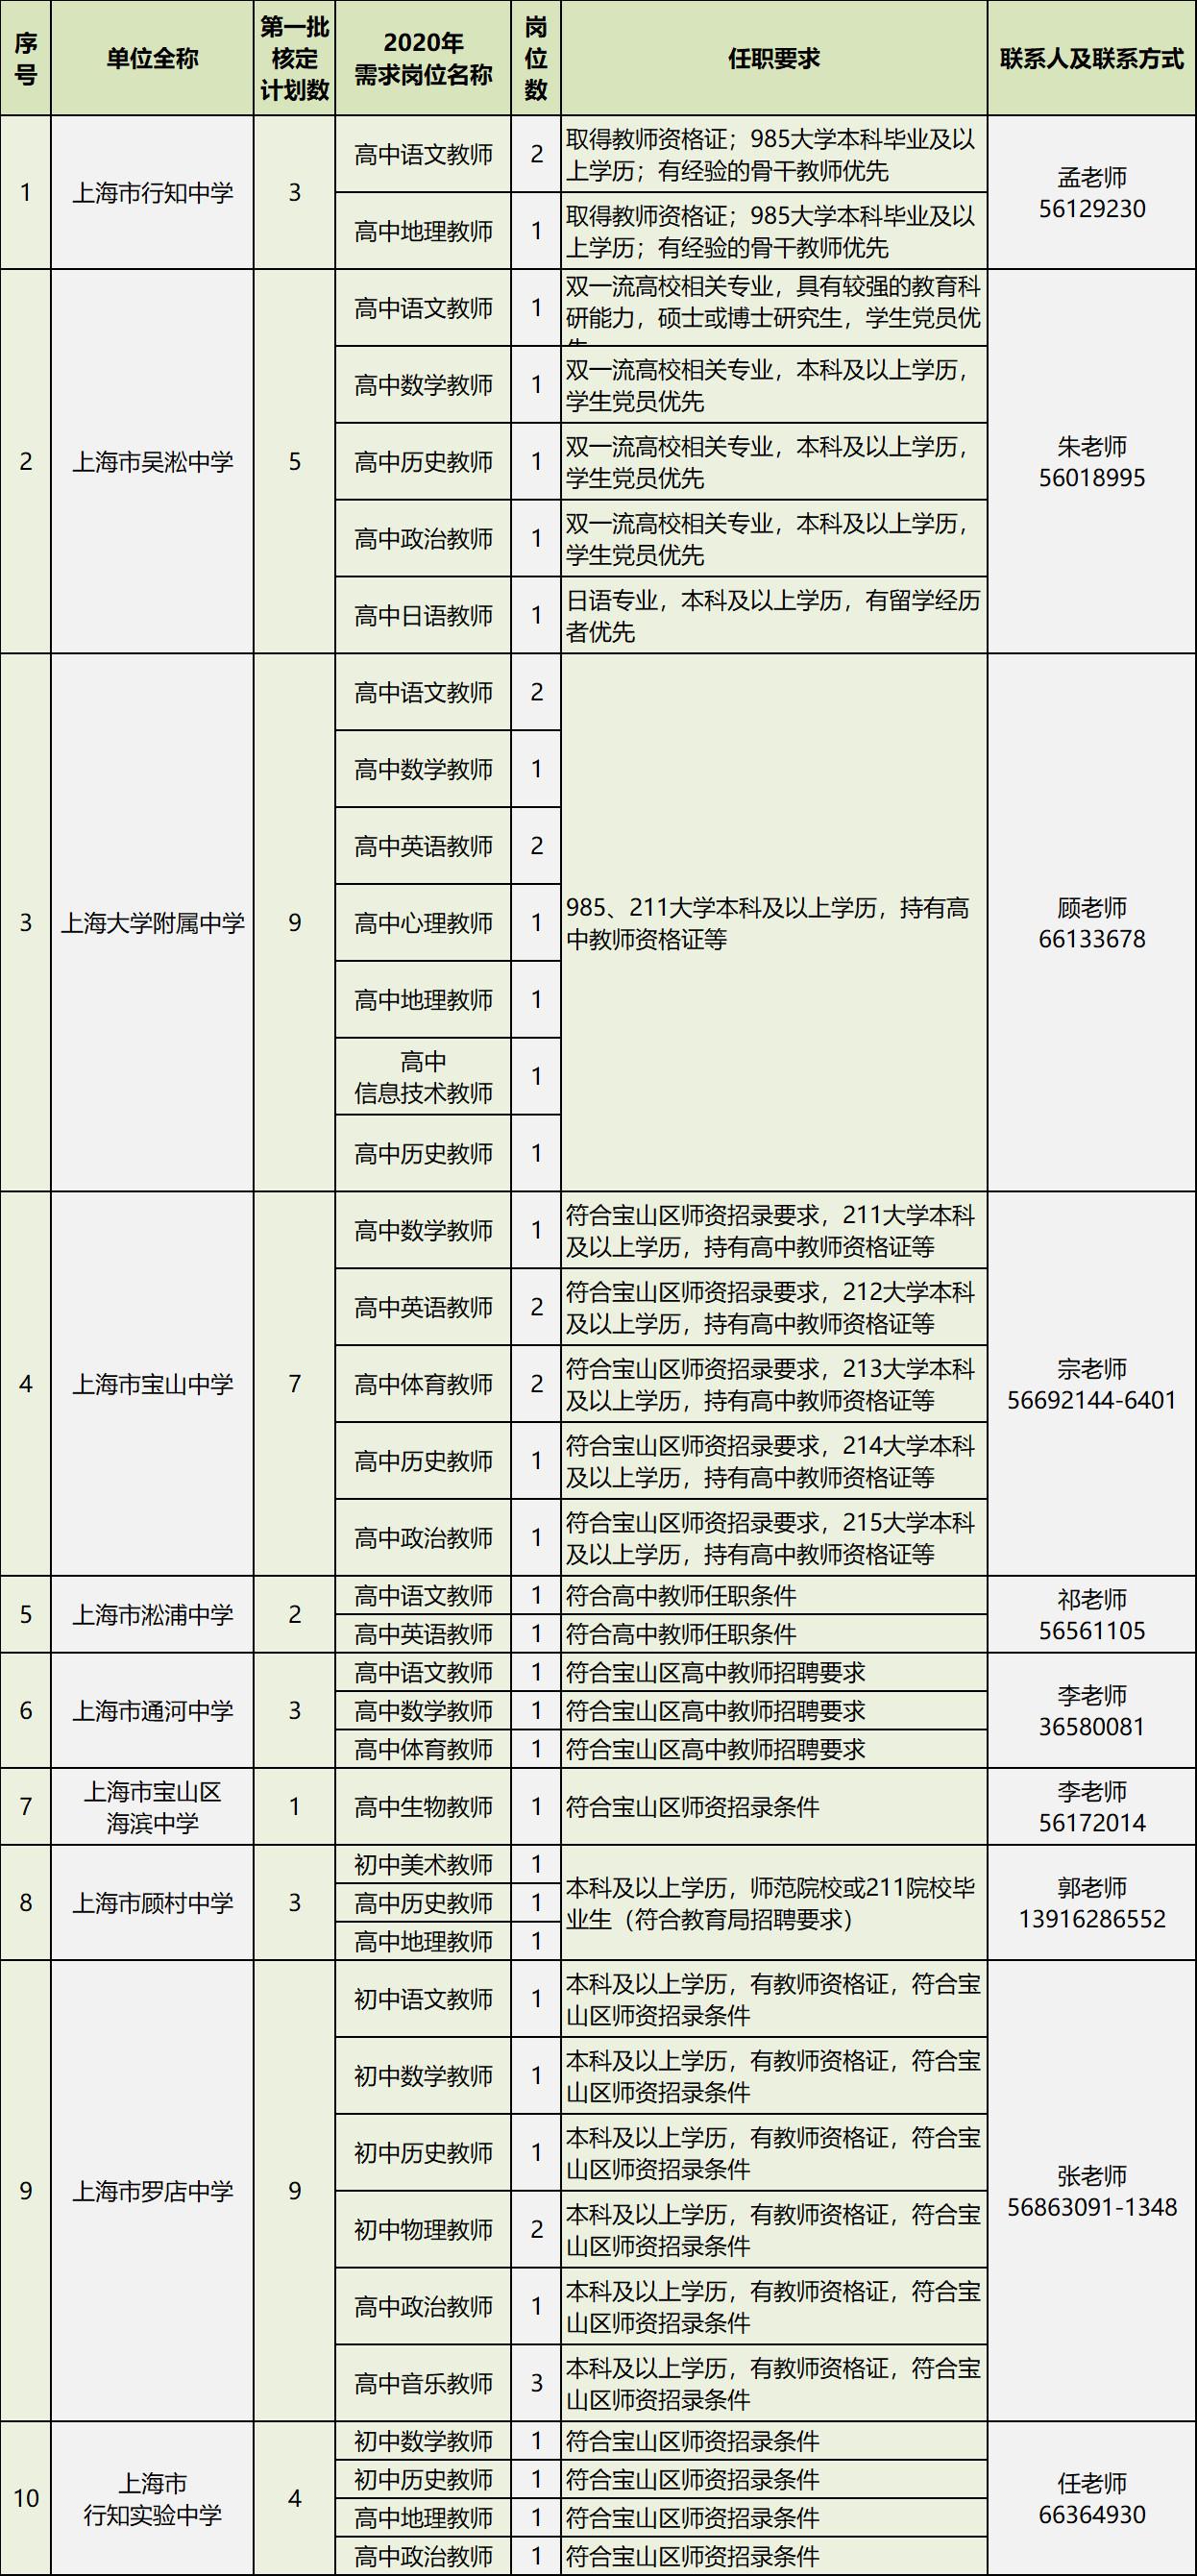 2020年上海市宝山区教师招聘公告图1